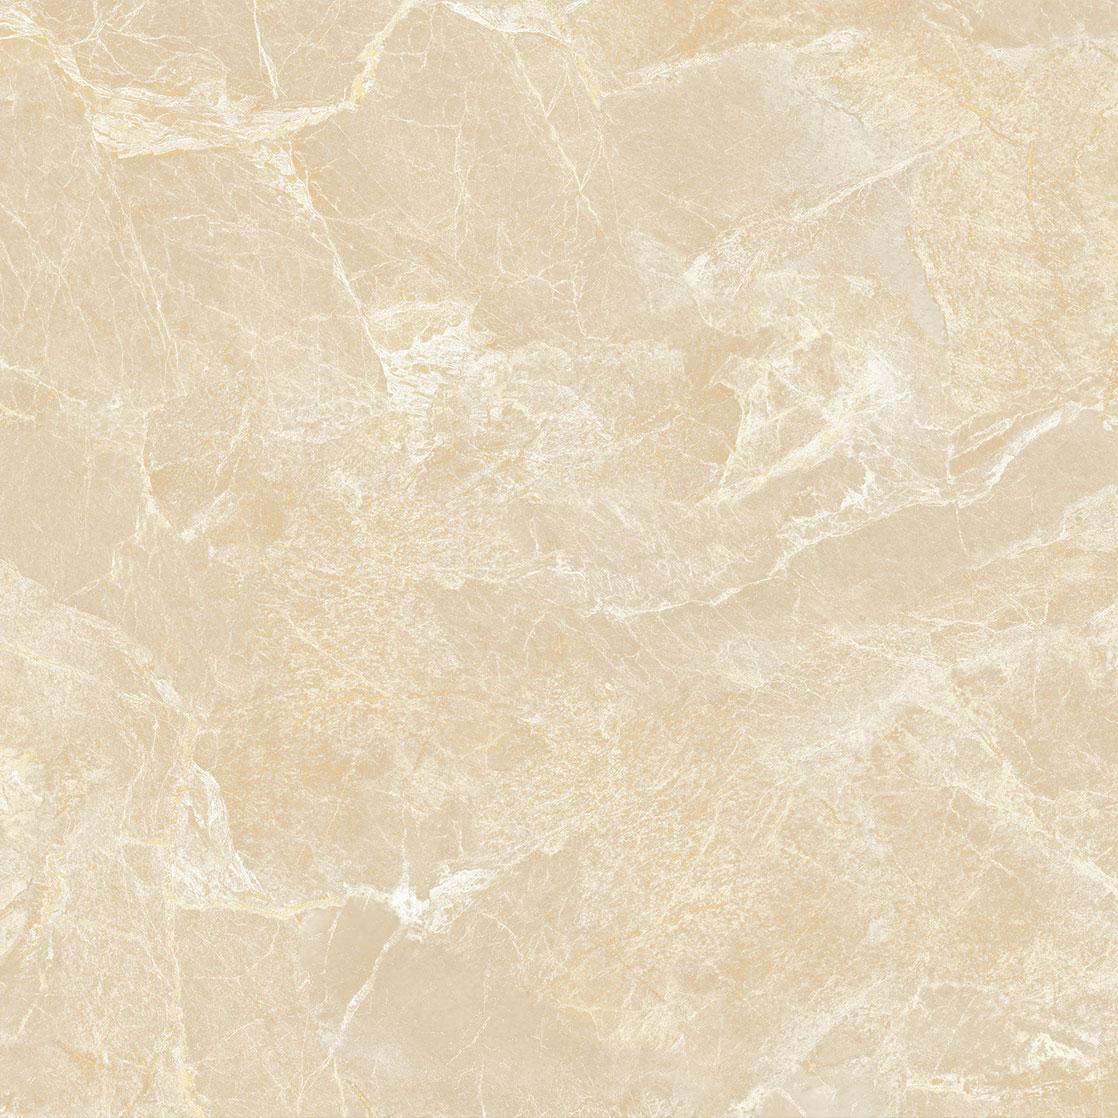 Gạch lát nền Viglacera UH B604 giá rẻ